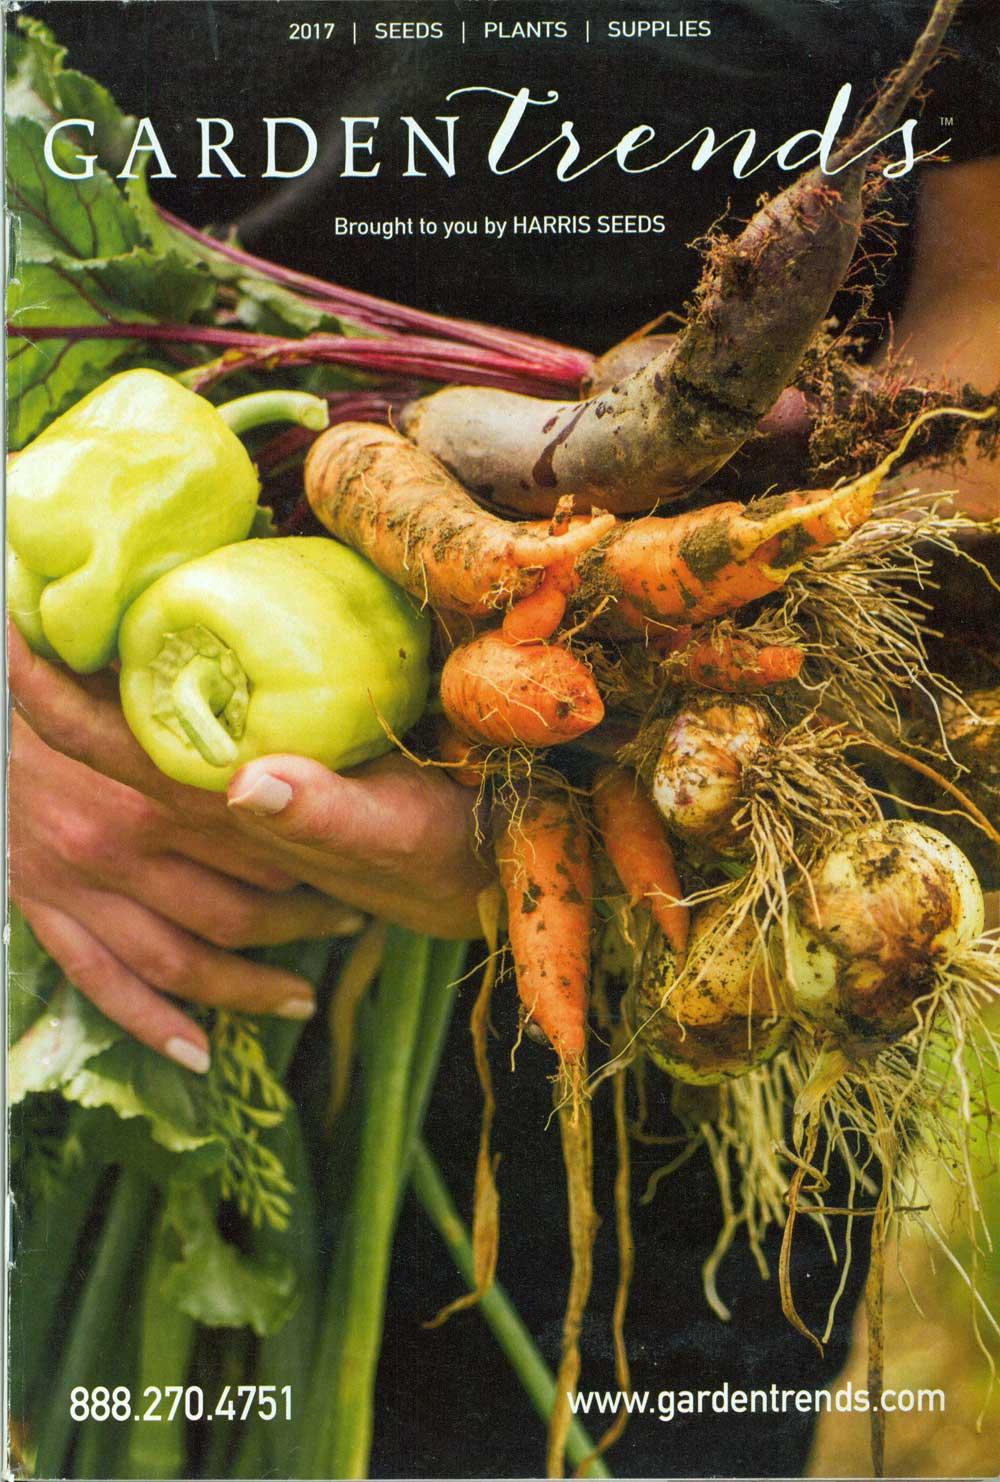 Harris Seeds: Garden Trends, New York, 7.25 x 10.25, 124 pp.